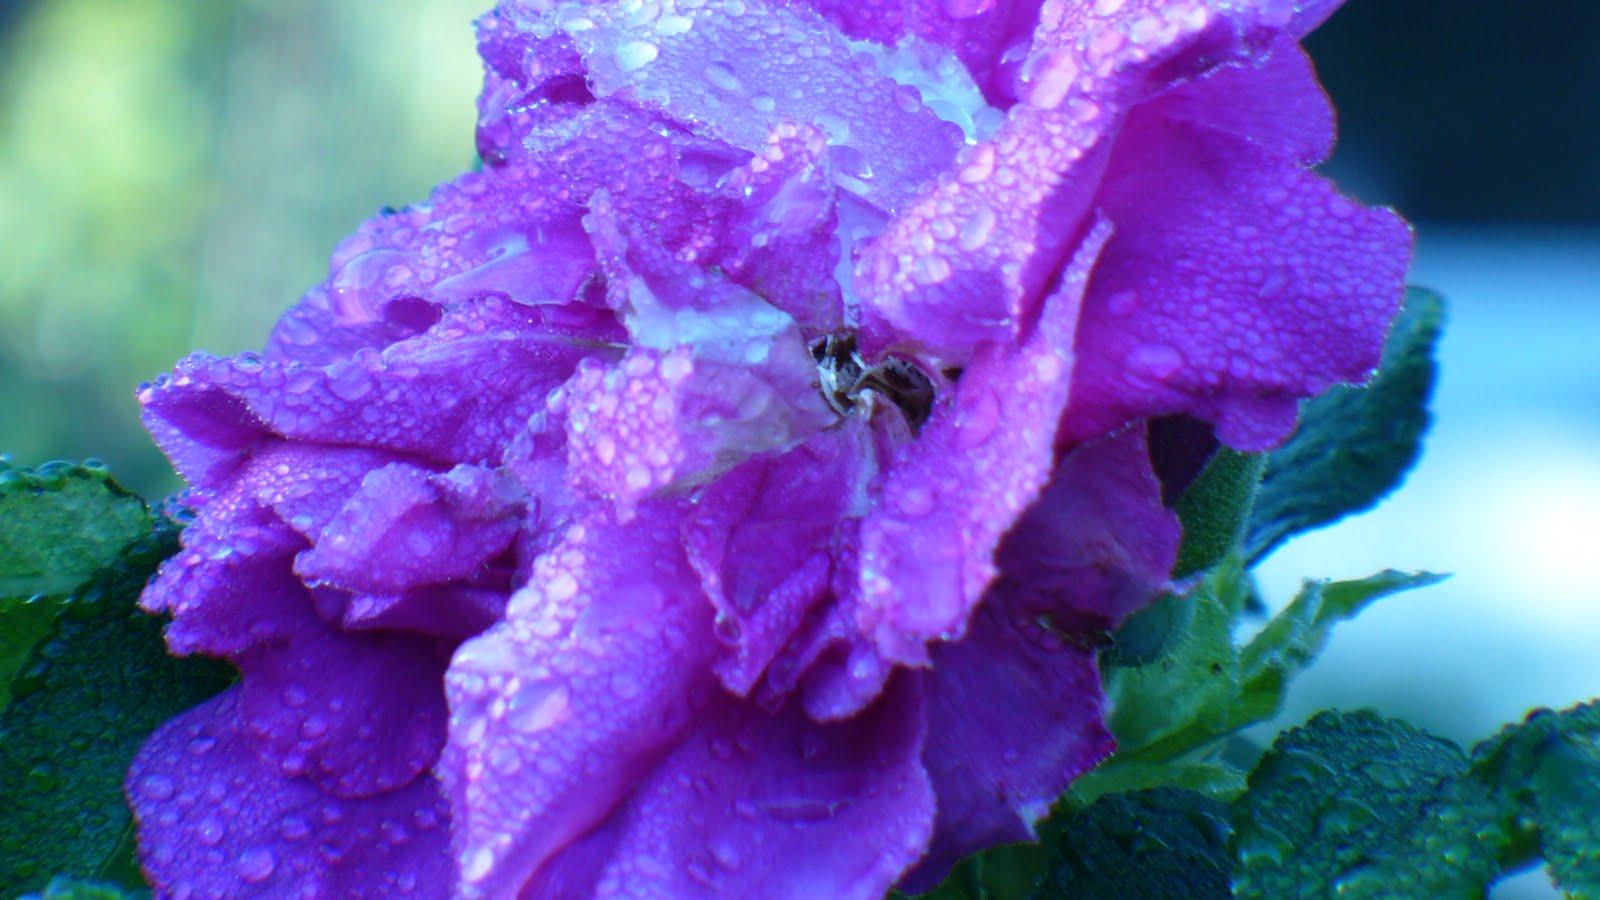 purple flowers wallpaper purple flowers wallpaper purple flowers 1600x900